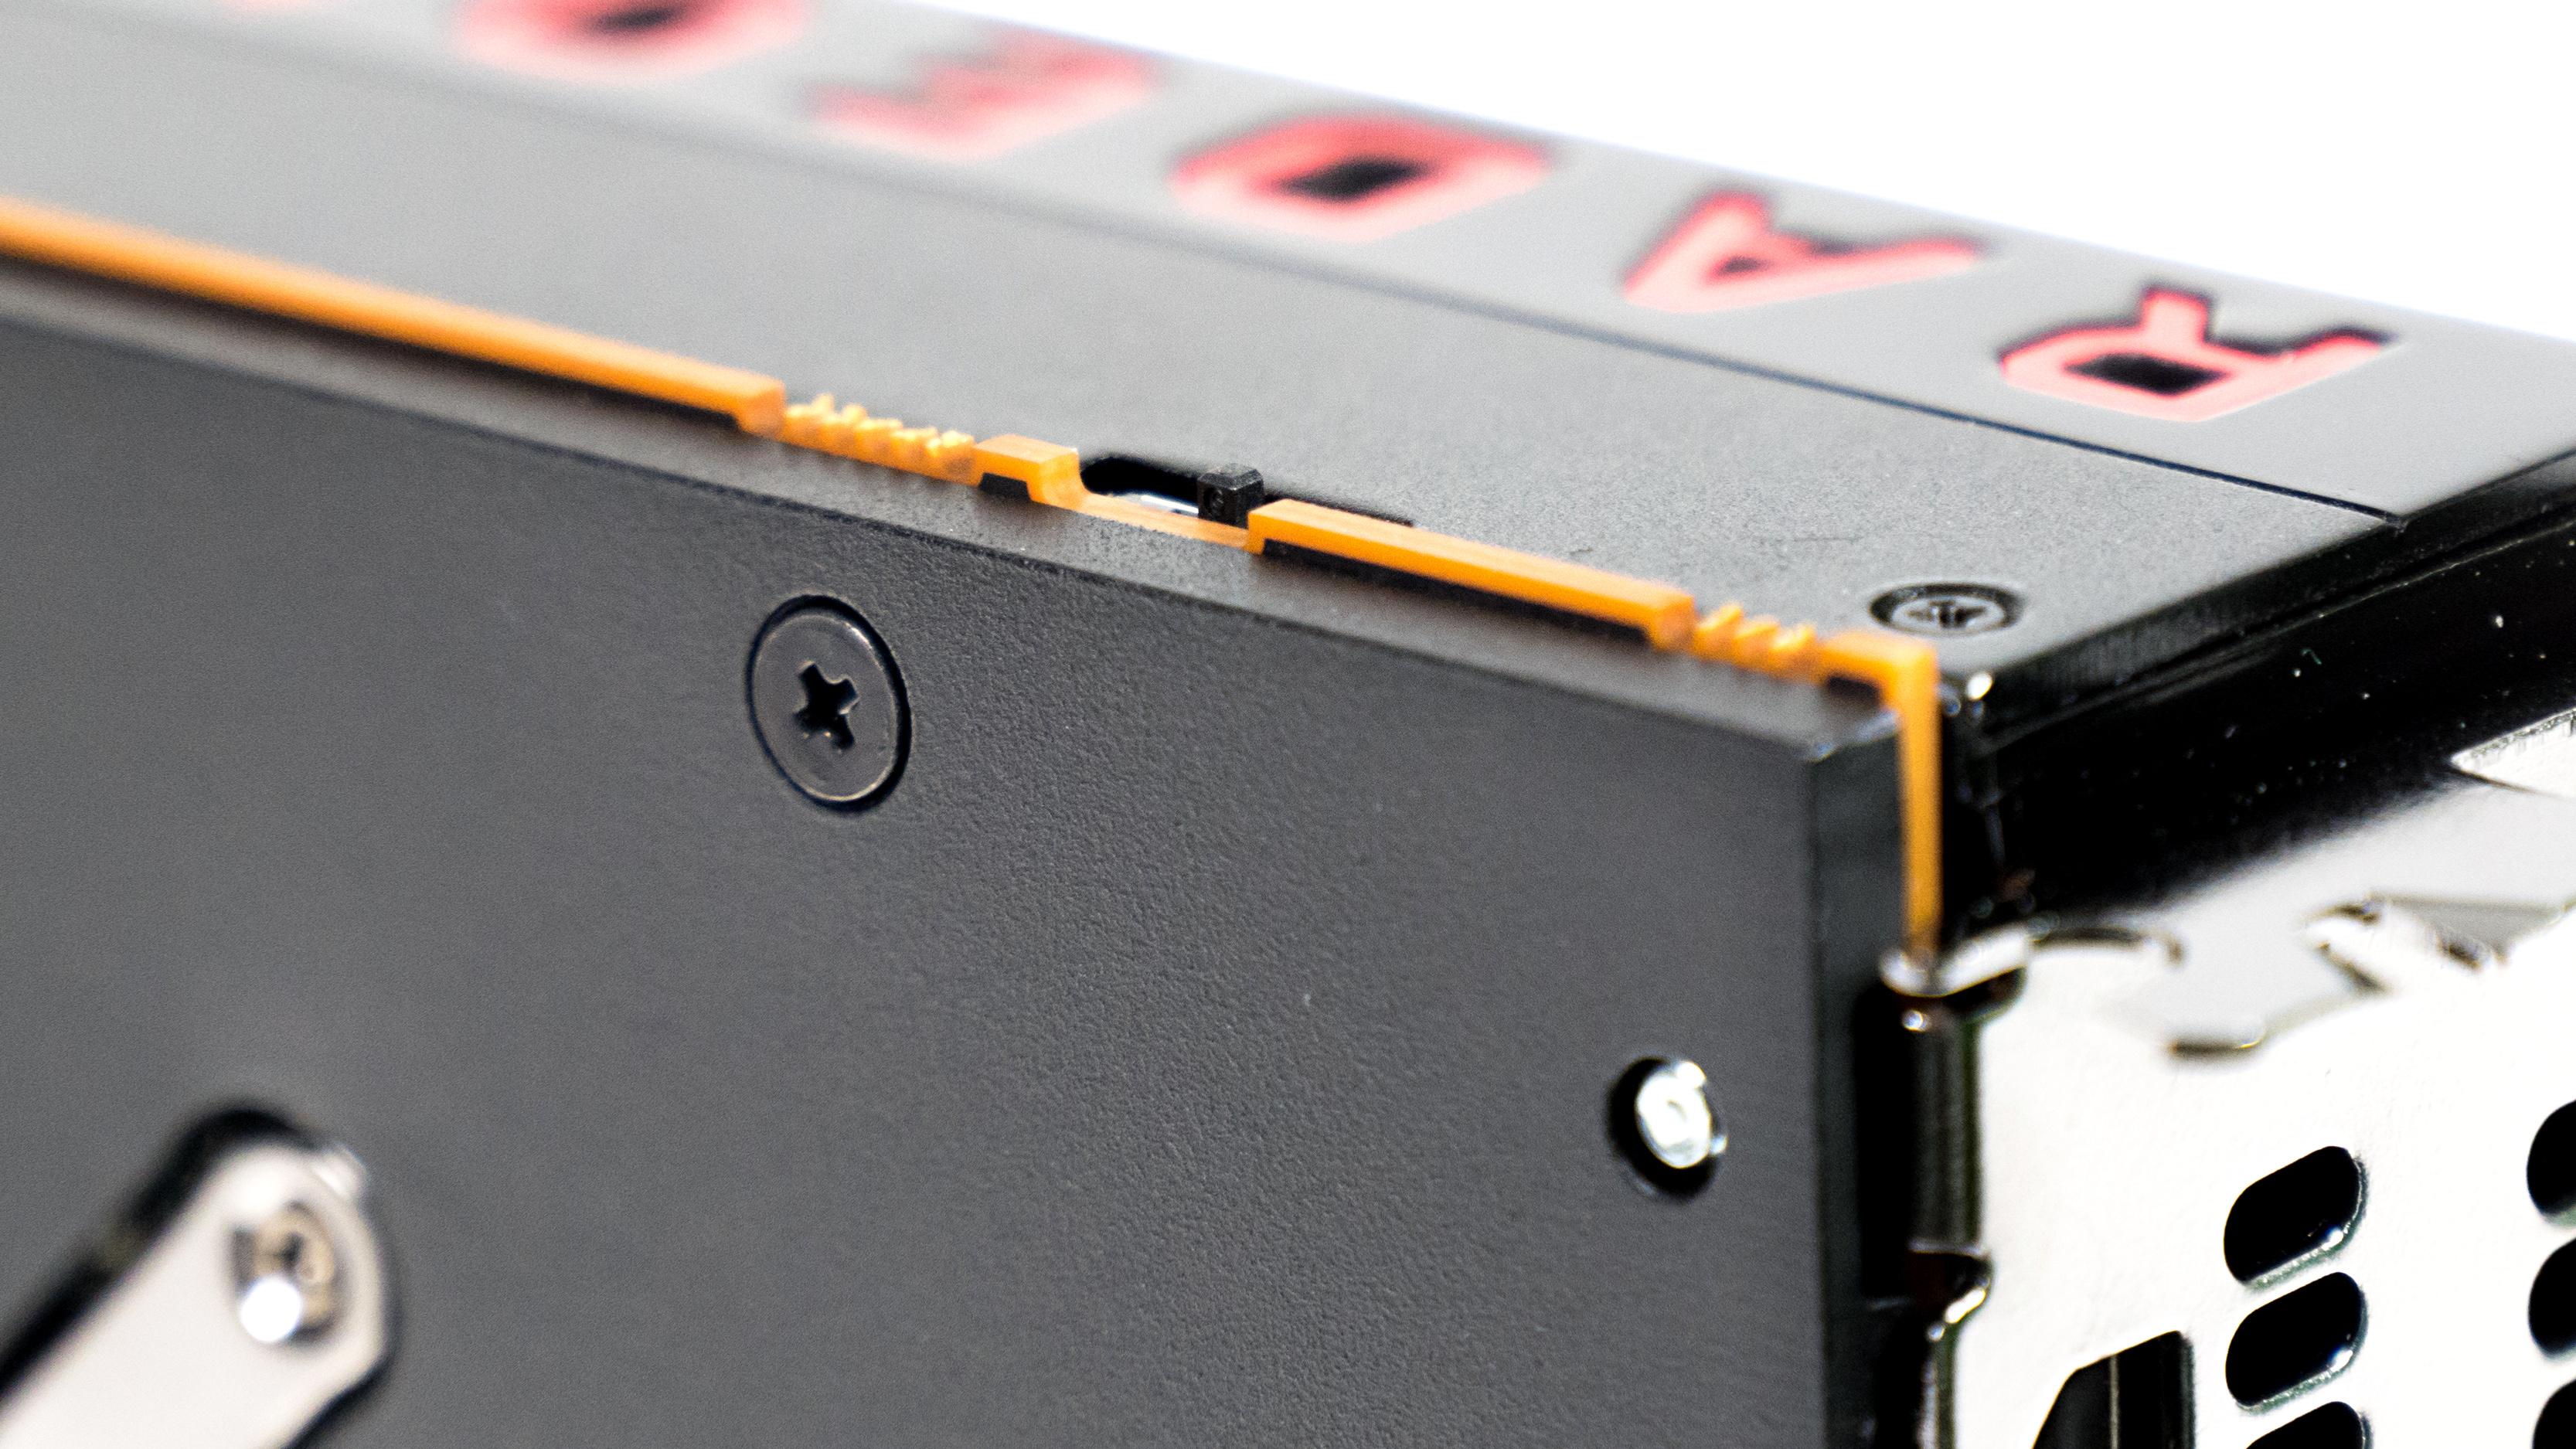 Radeon RX Vega 64 im Test: Schnell und durstig mit Potenzial - Der Bios-Switch reduziert die GPU-Power. (Foto: Marc Sauter/Golem.de)